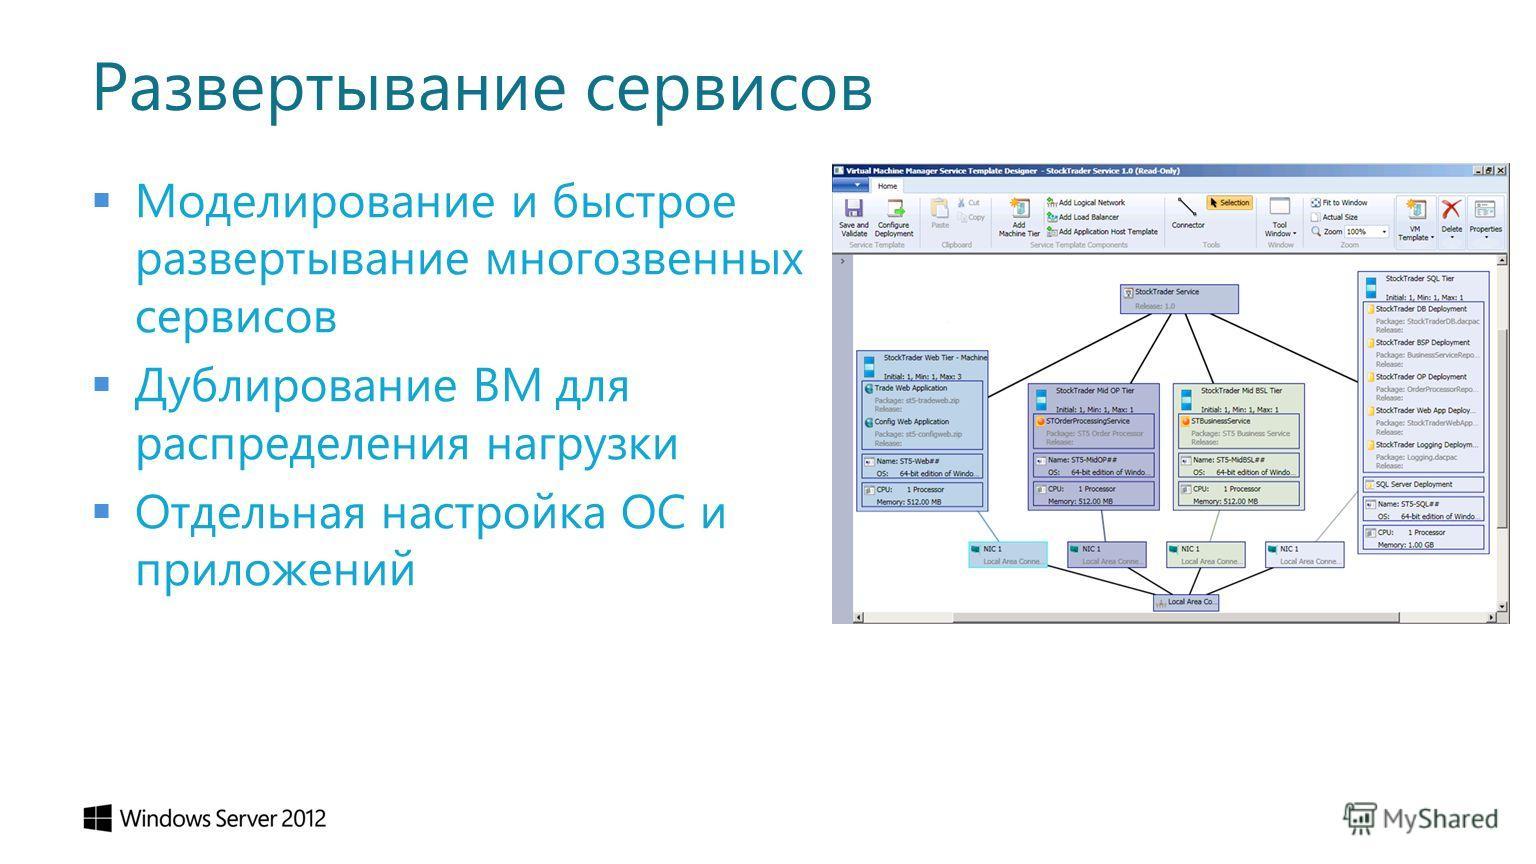 Развертывание сервисов Моделирование и быстрое развертывание многозвенных сервисов Дублирование ВМ для распределения нагрузки Отдельная настройка ОС и приложений